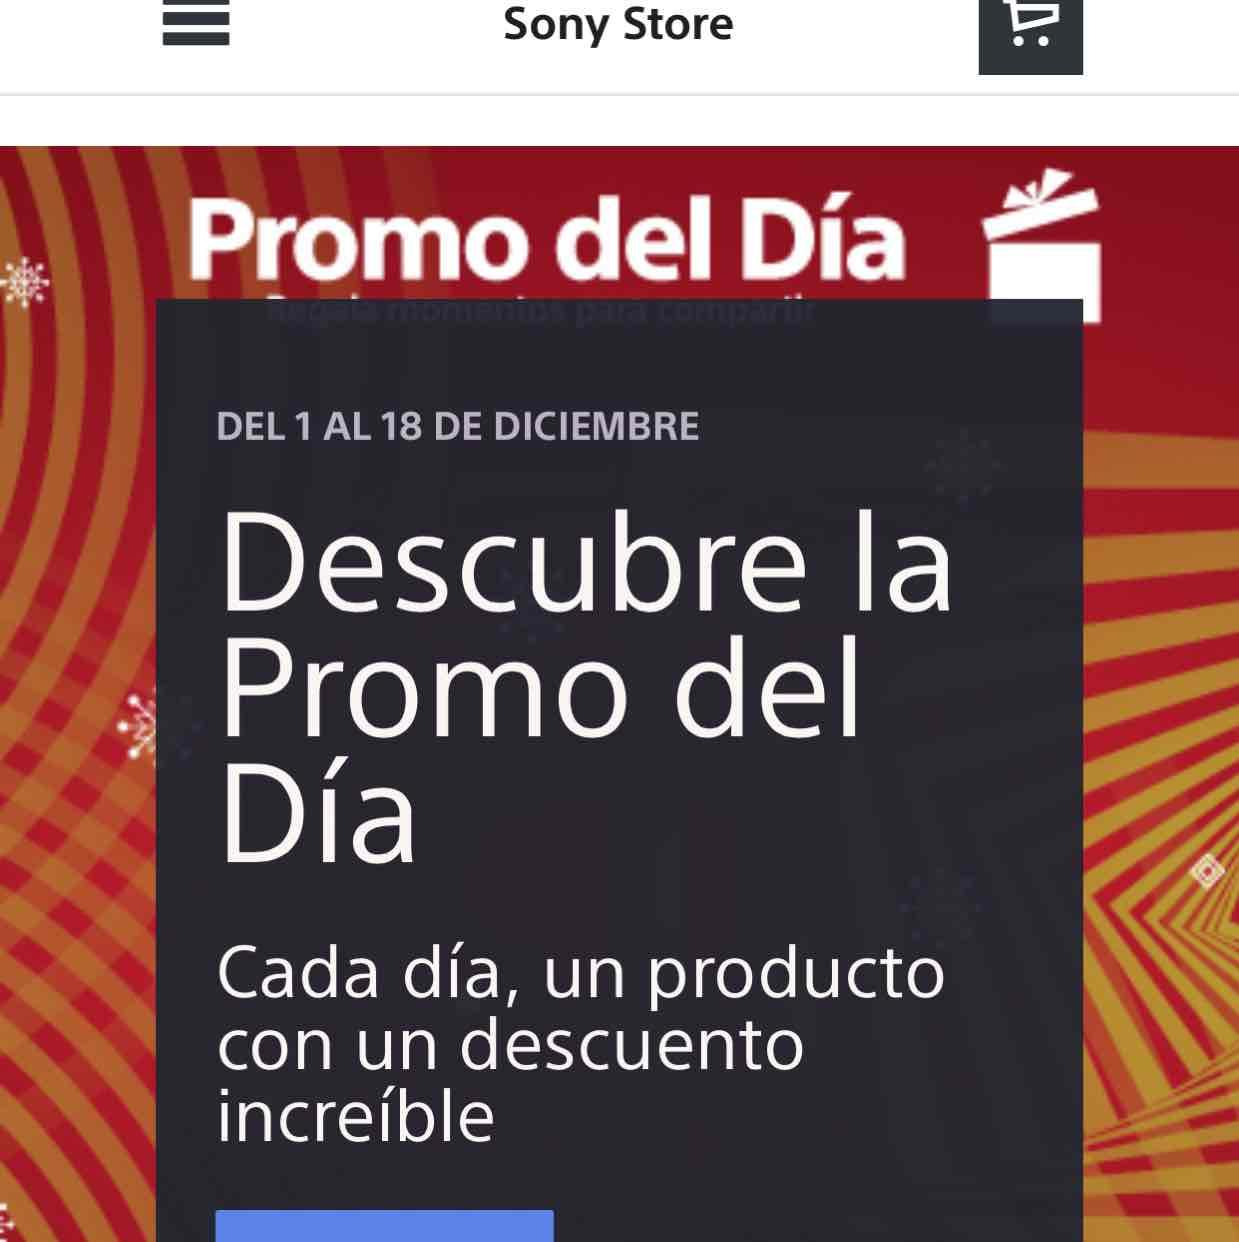 Sony Store: promoción especial cada día del 1 al 18 e diciembre